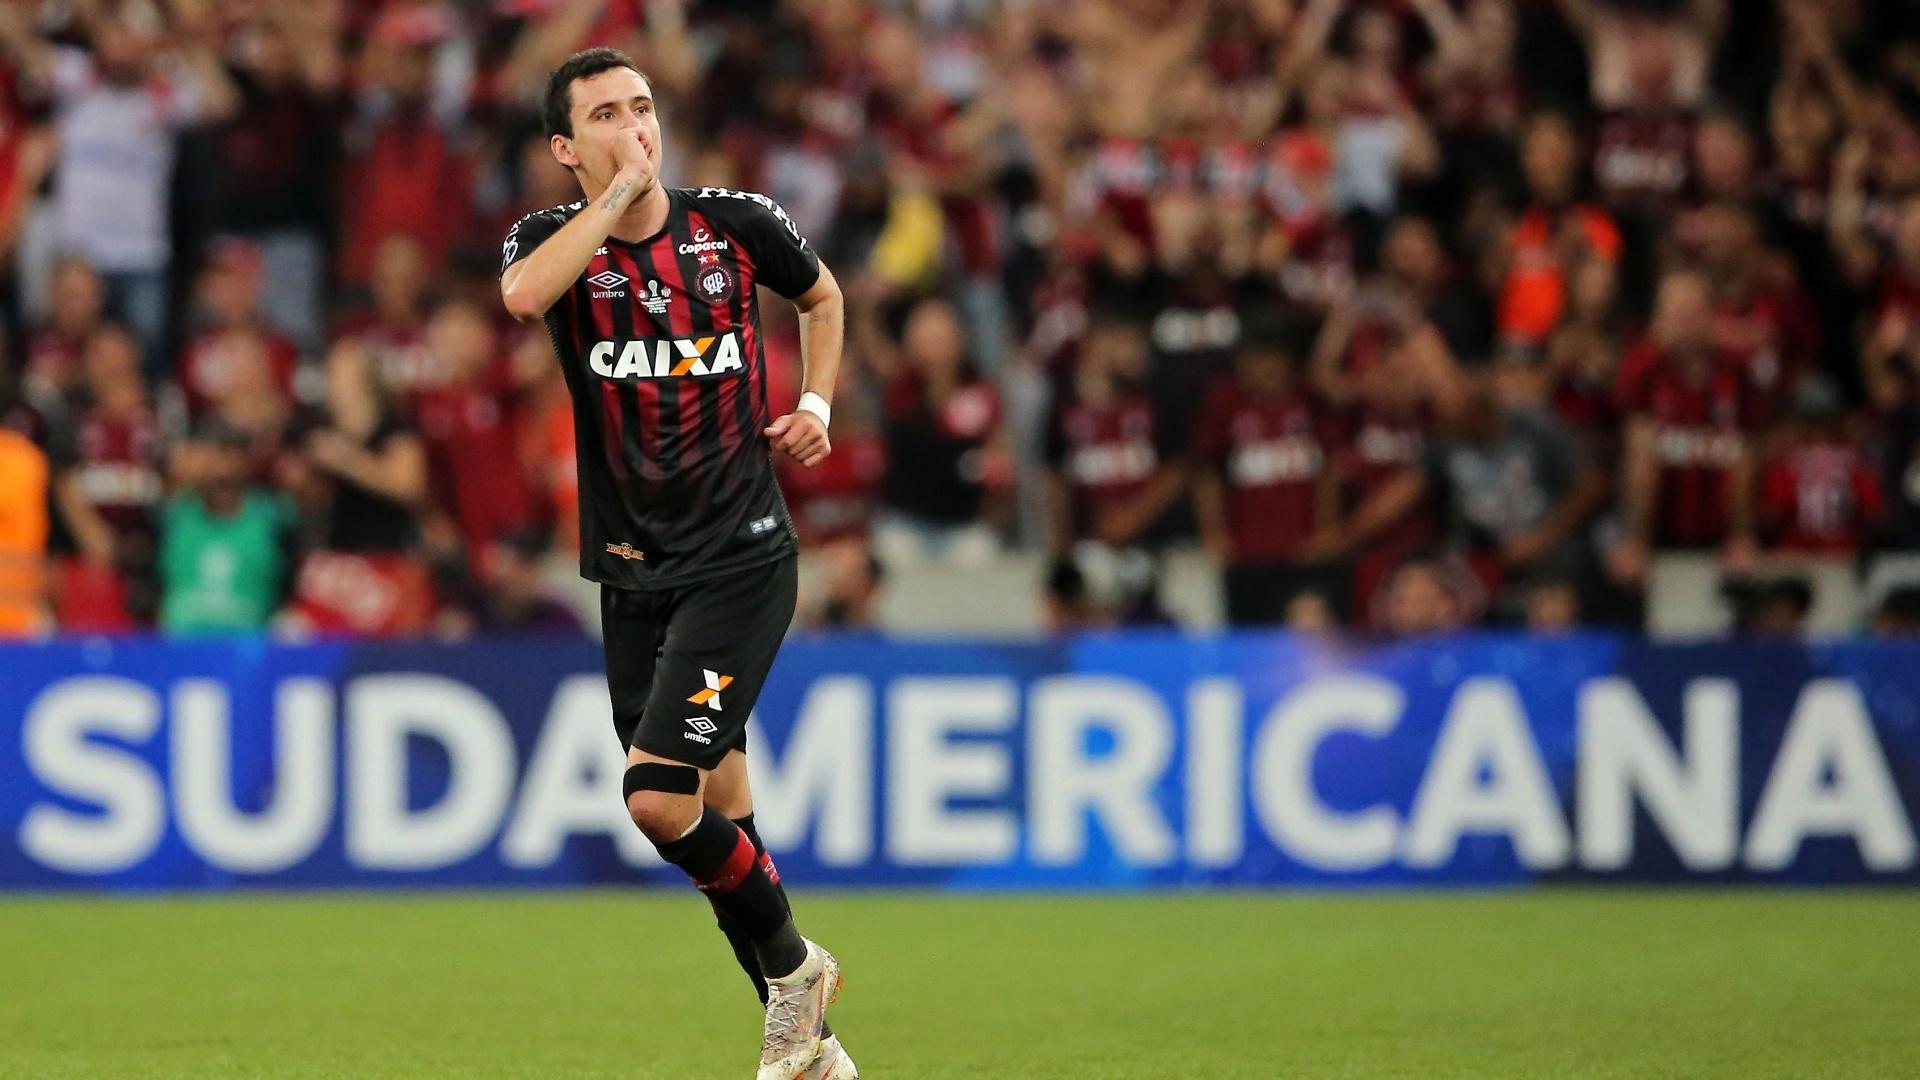 Pablo comemora gol pelo Atlético-PR contra o Junior de Barranquilla